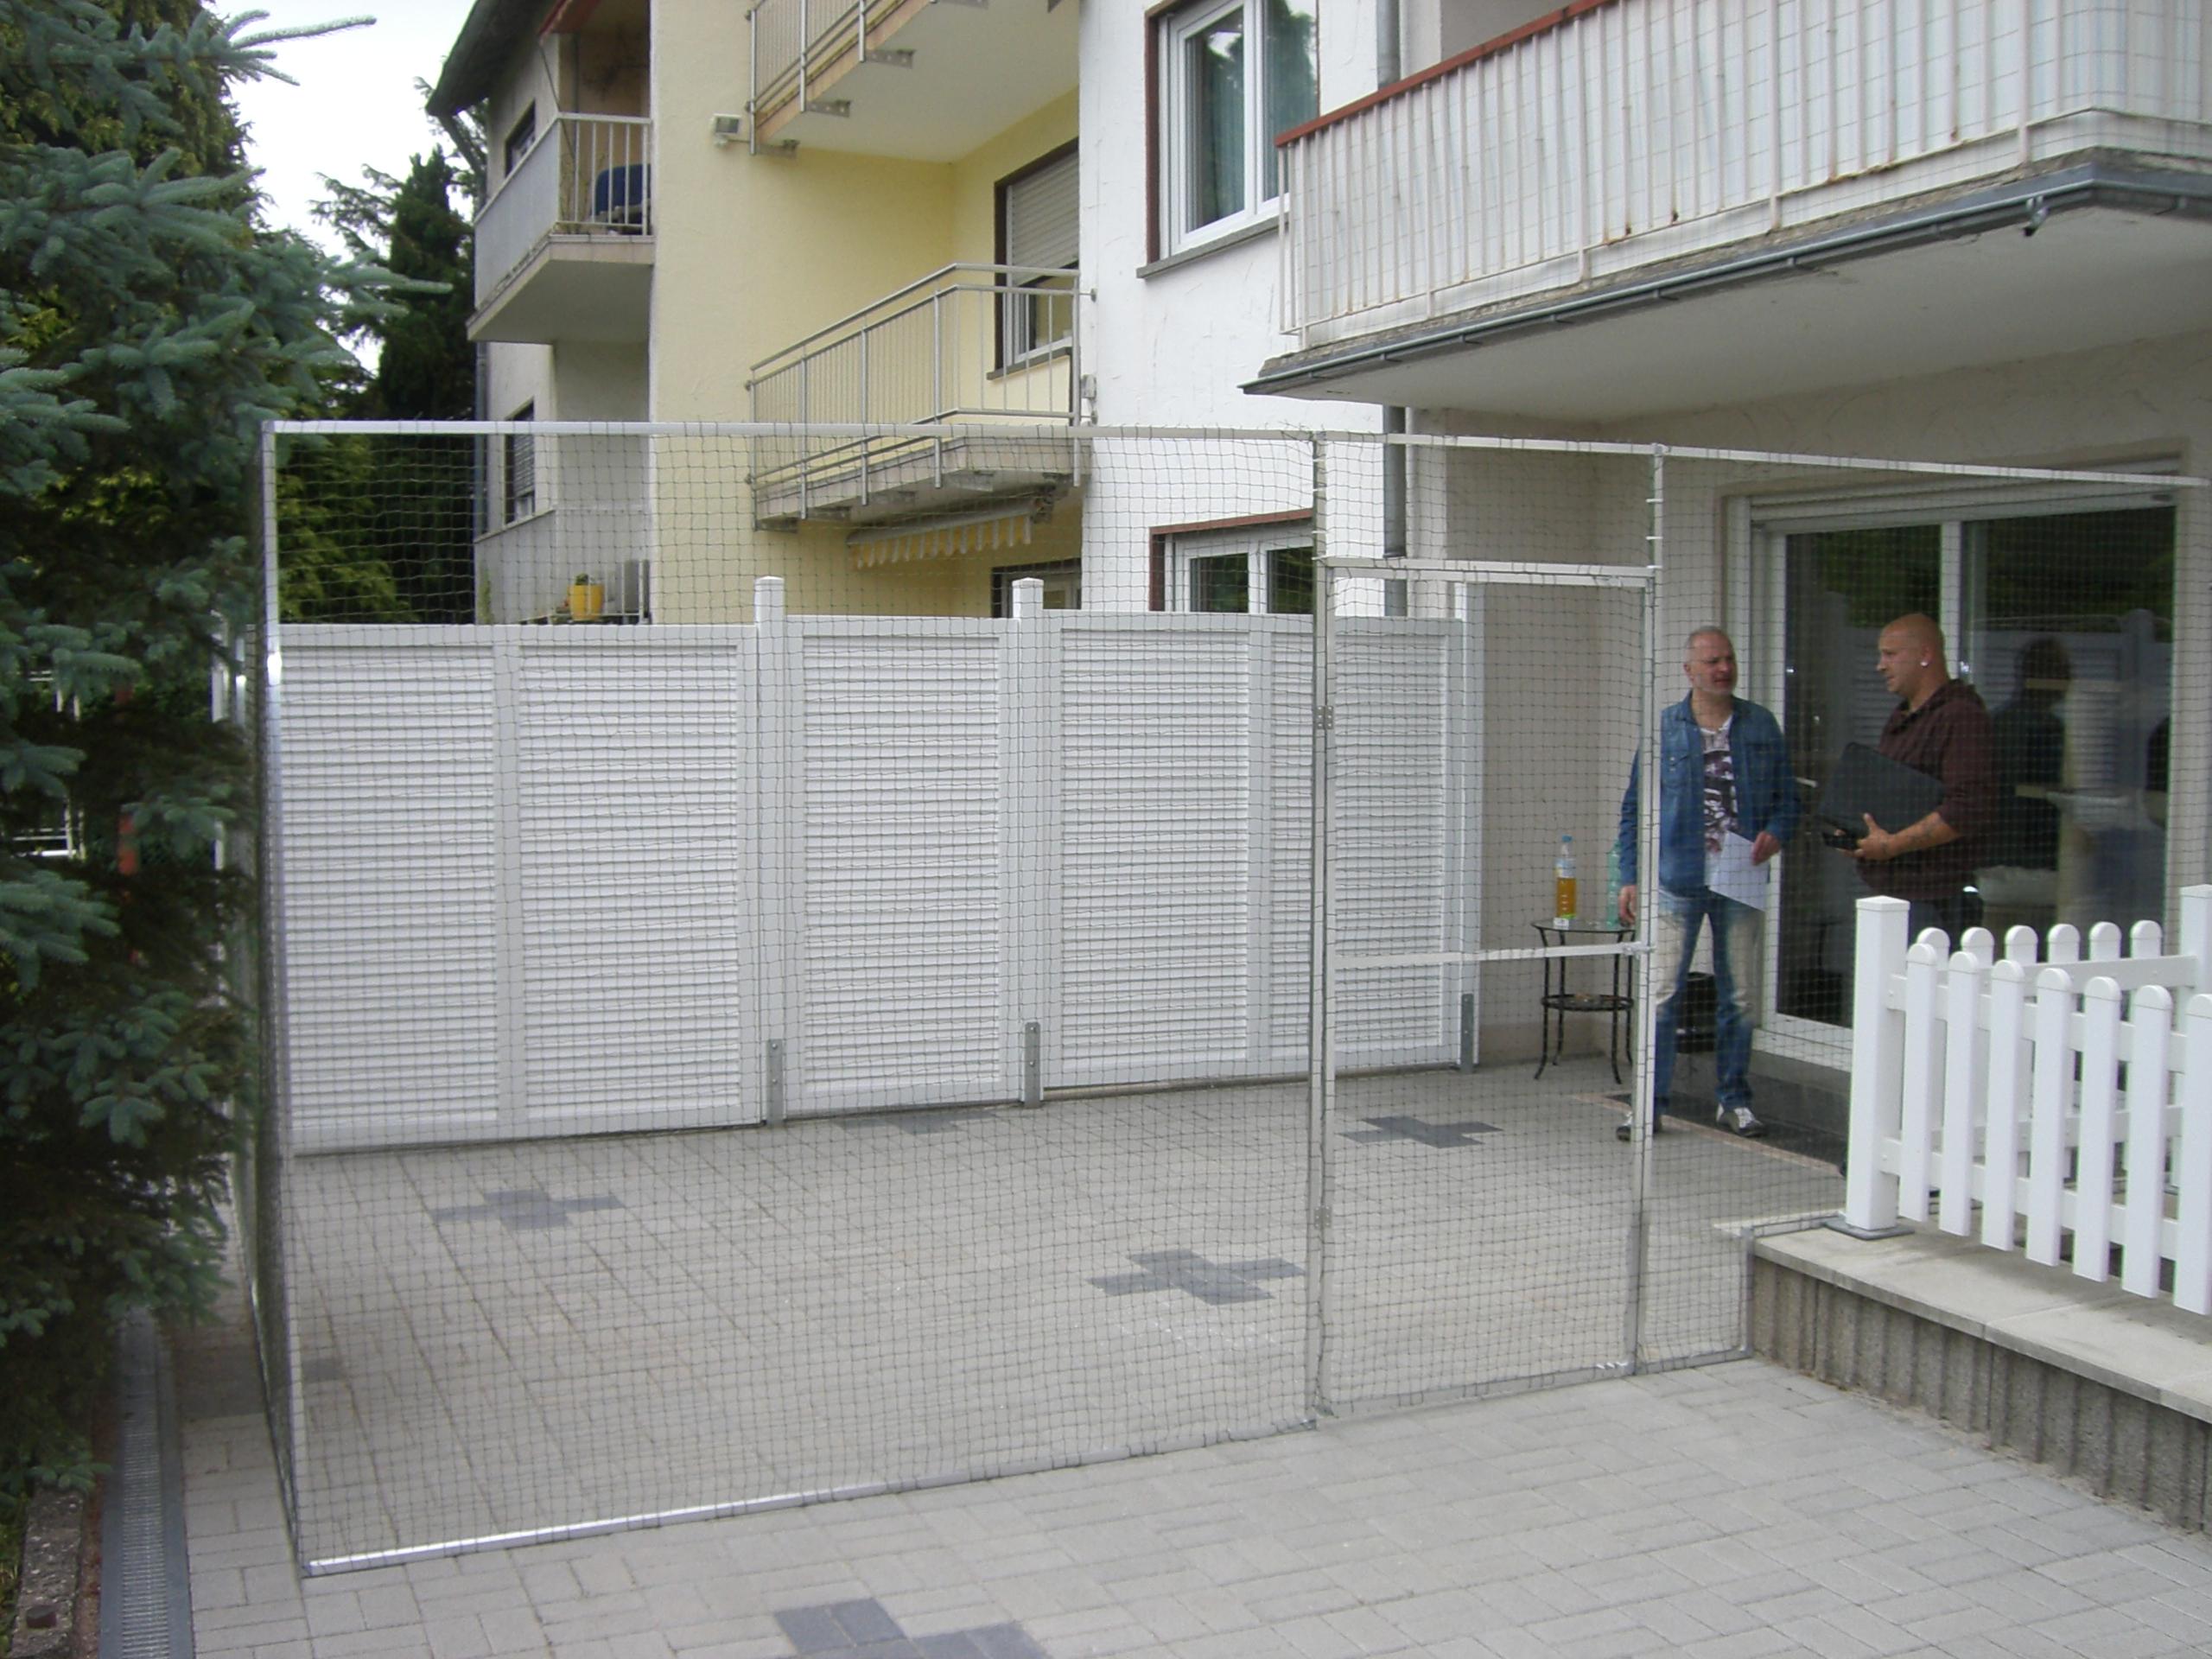 Terrassenvernetzung_Katzennetz_Terrasse_sulzbach